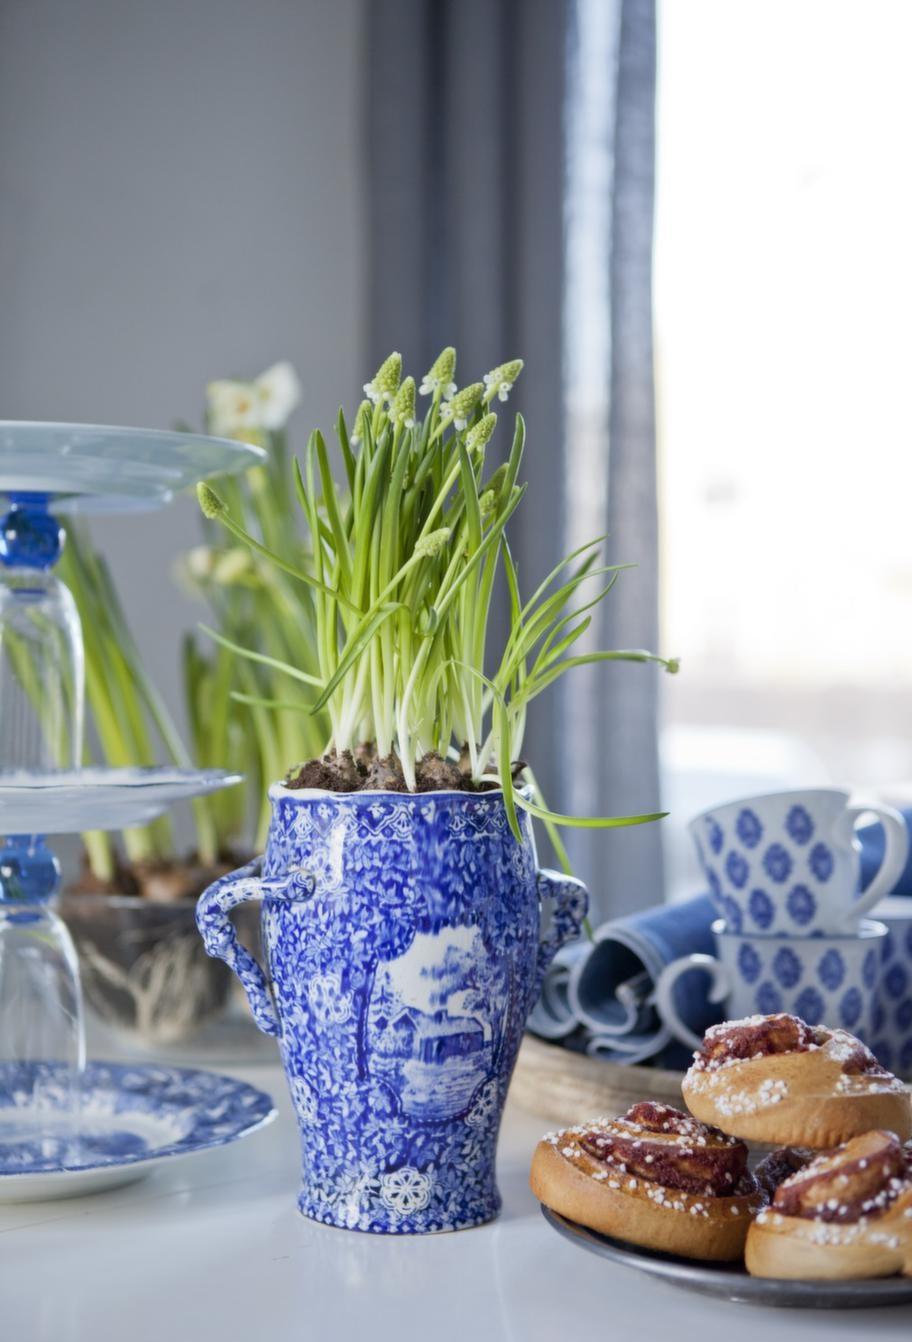 Kakfatet har Johanna gjort av glas och fat fyndade på loppis, kaffemuggar med blå dekor från Indiska.